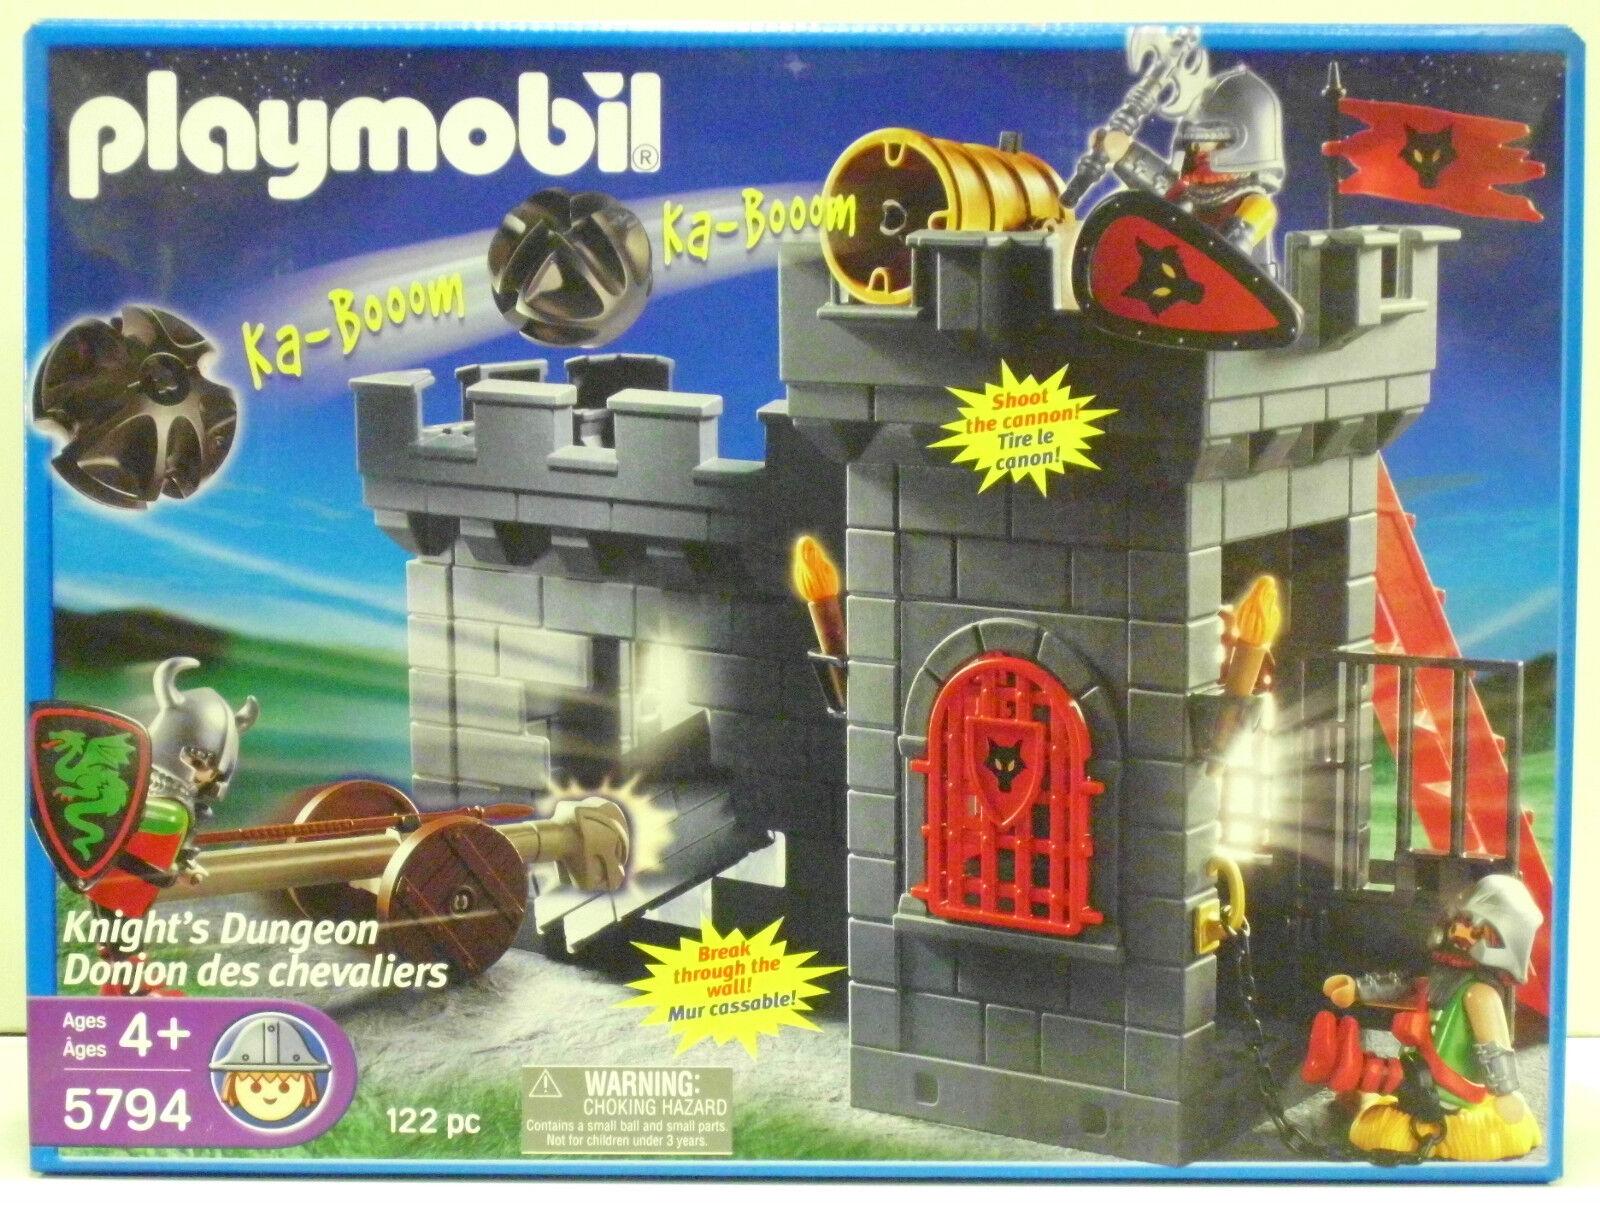 Knight´s DUNGEON USA USA USA Playmobil 5794 de `06 à Ritter château-fort dragon OVP Neuf 0d2d5a